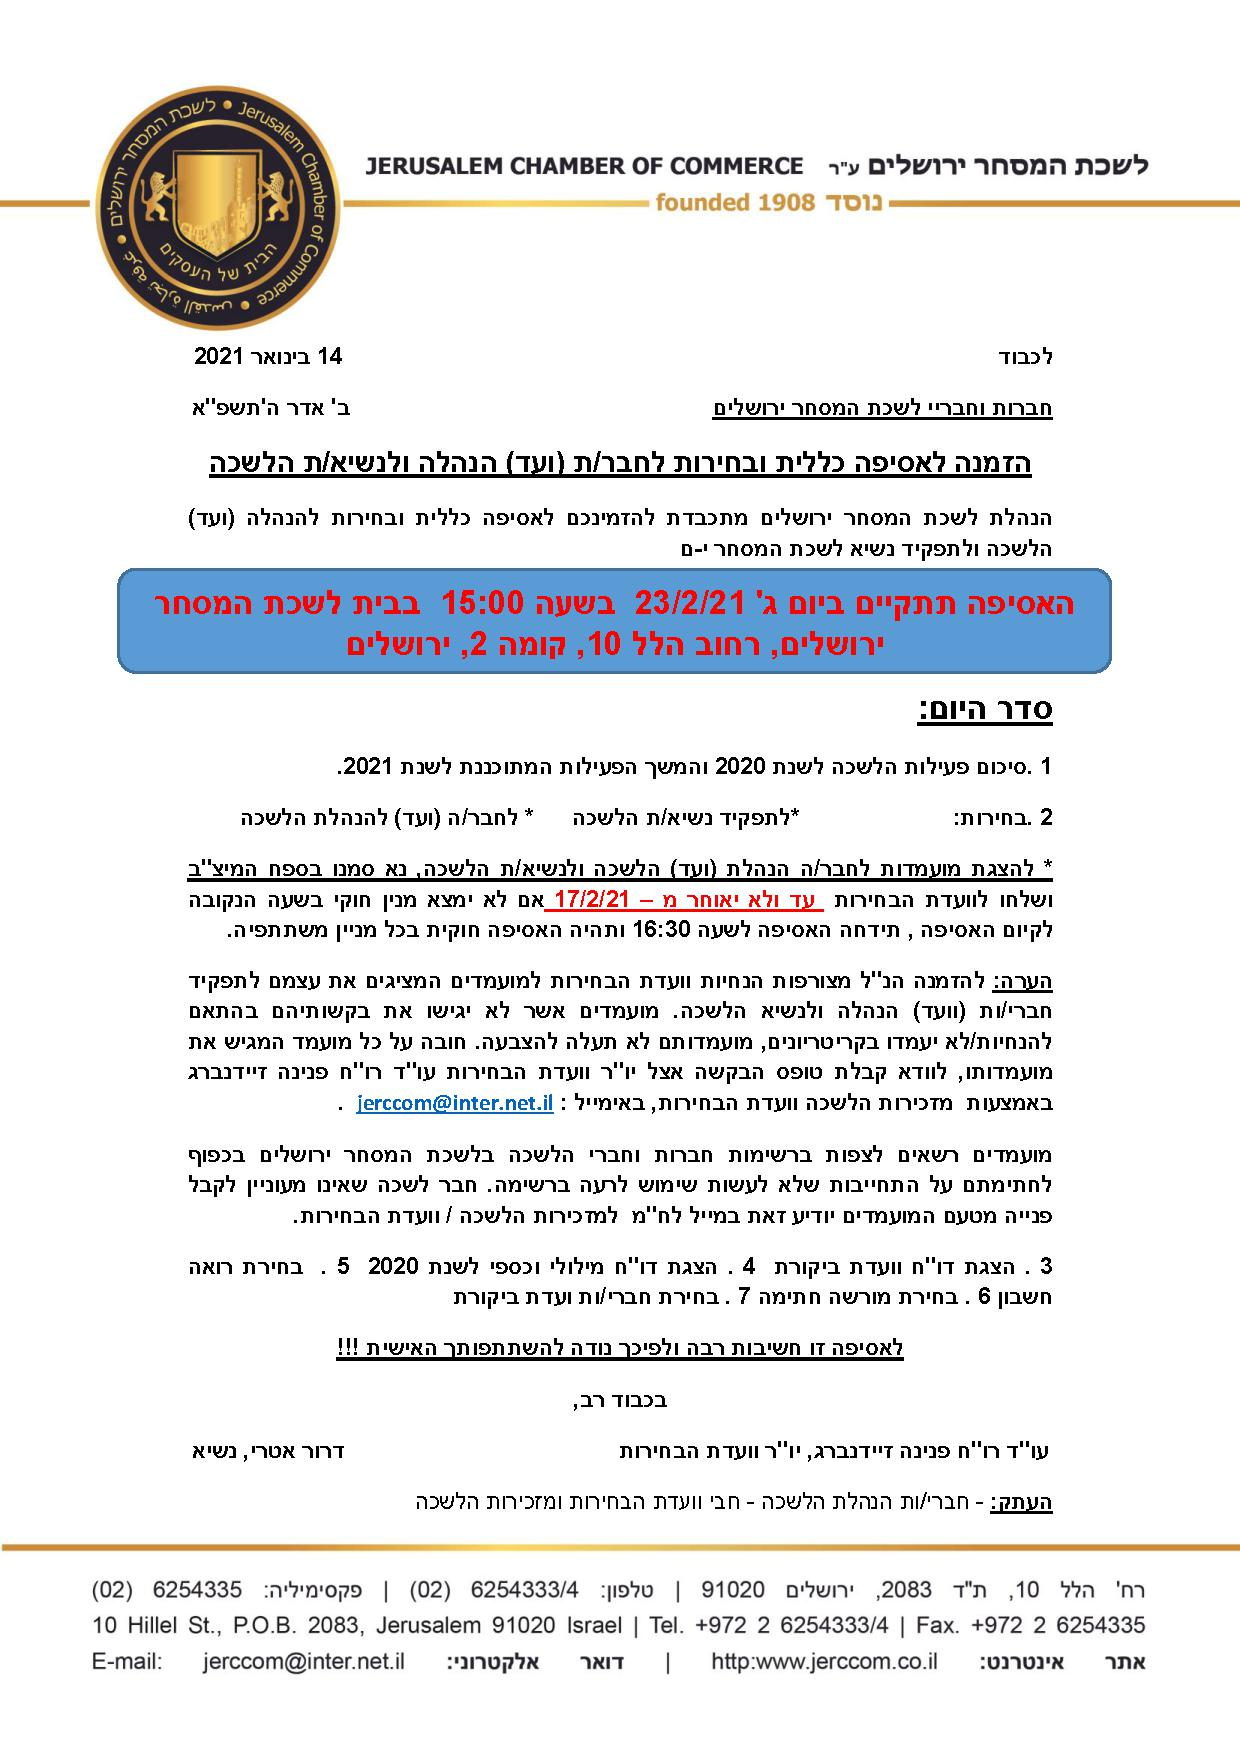 הזמנה 3 קובץ תמונה לאסיפה כללית ובחירות לשכת המסחר ירושלים 2021 1 14